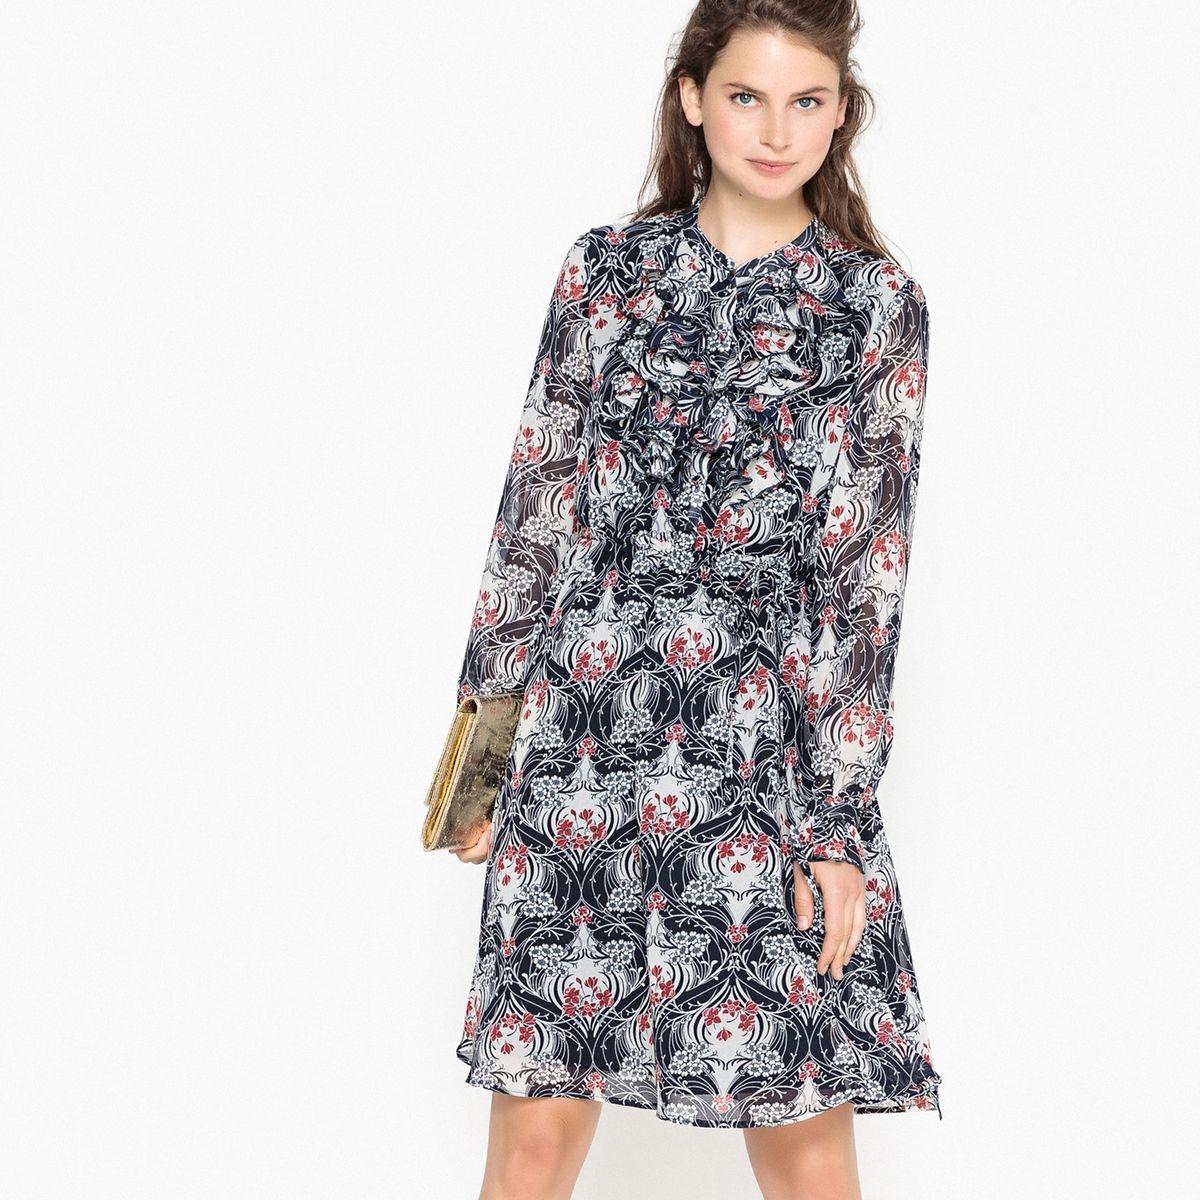 Robe imprimée floral, volants sur poitrine